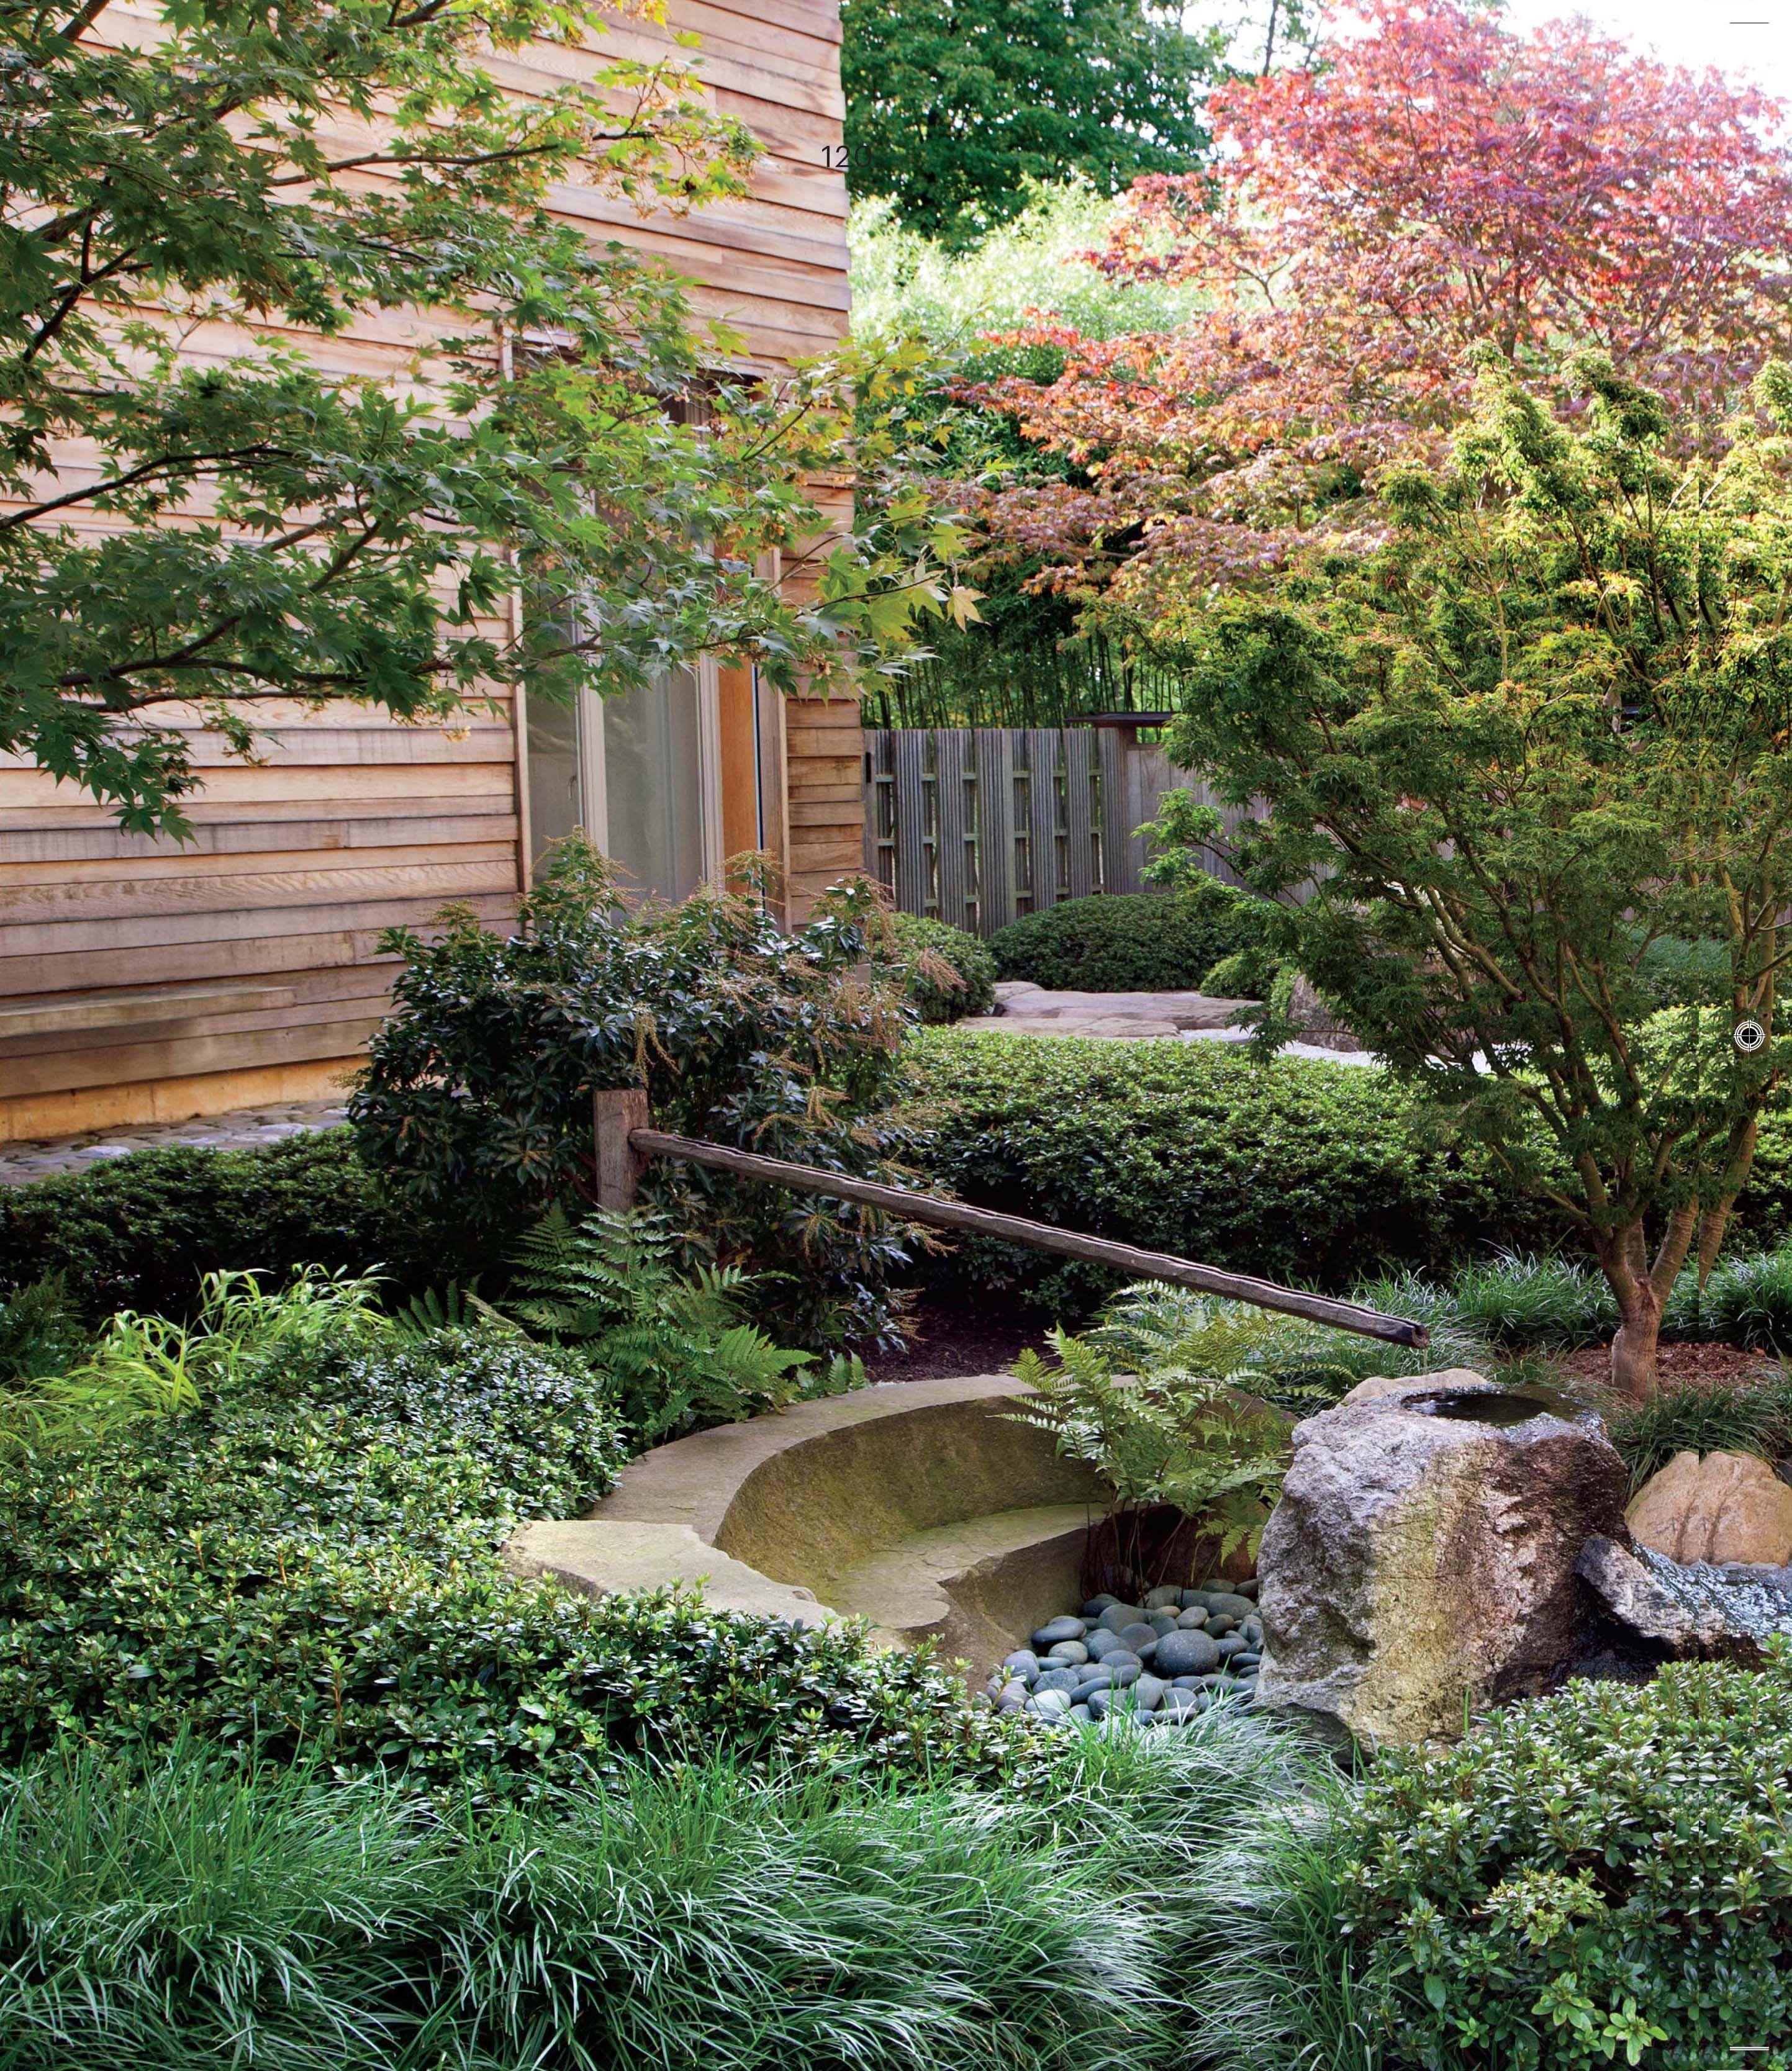 How to Make a Japanese Garden Japanese rock garden